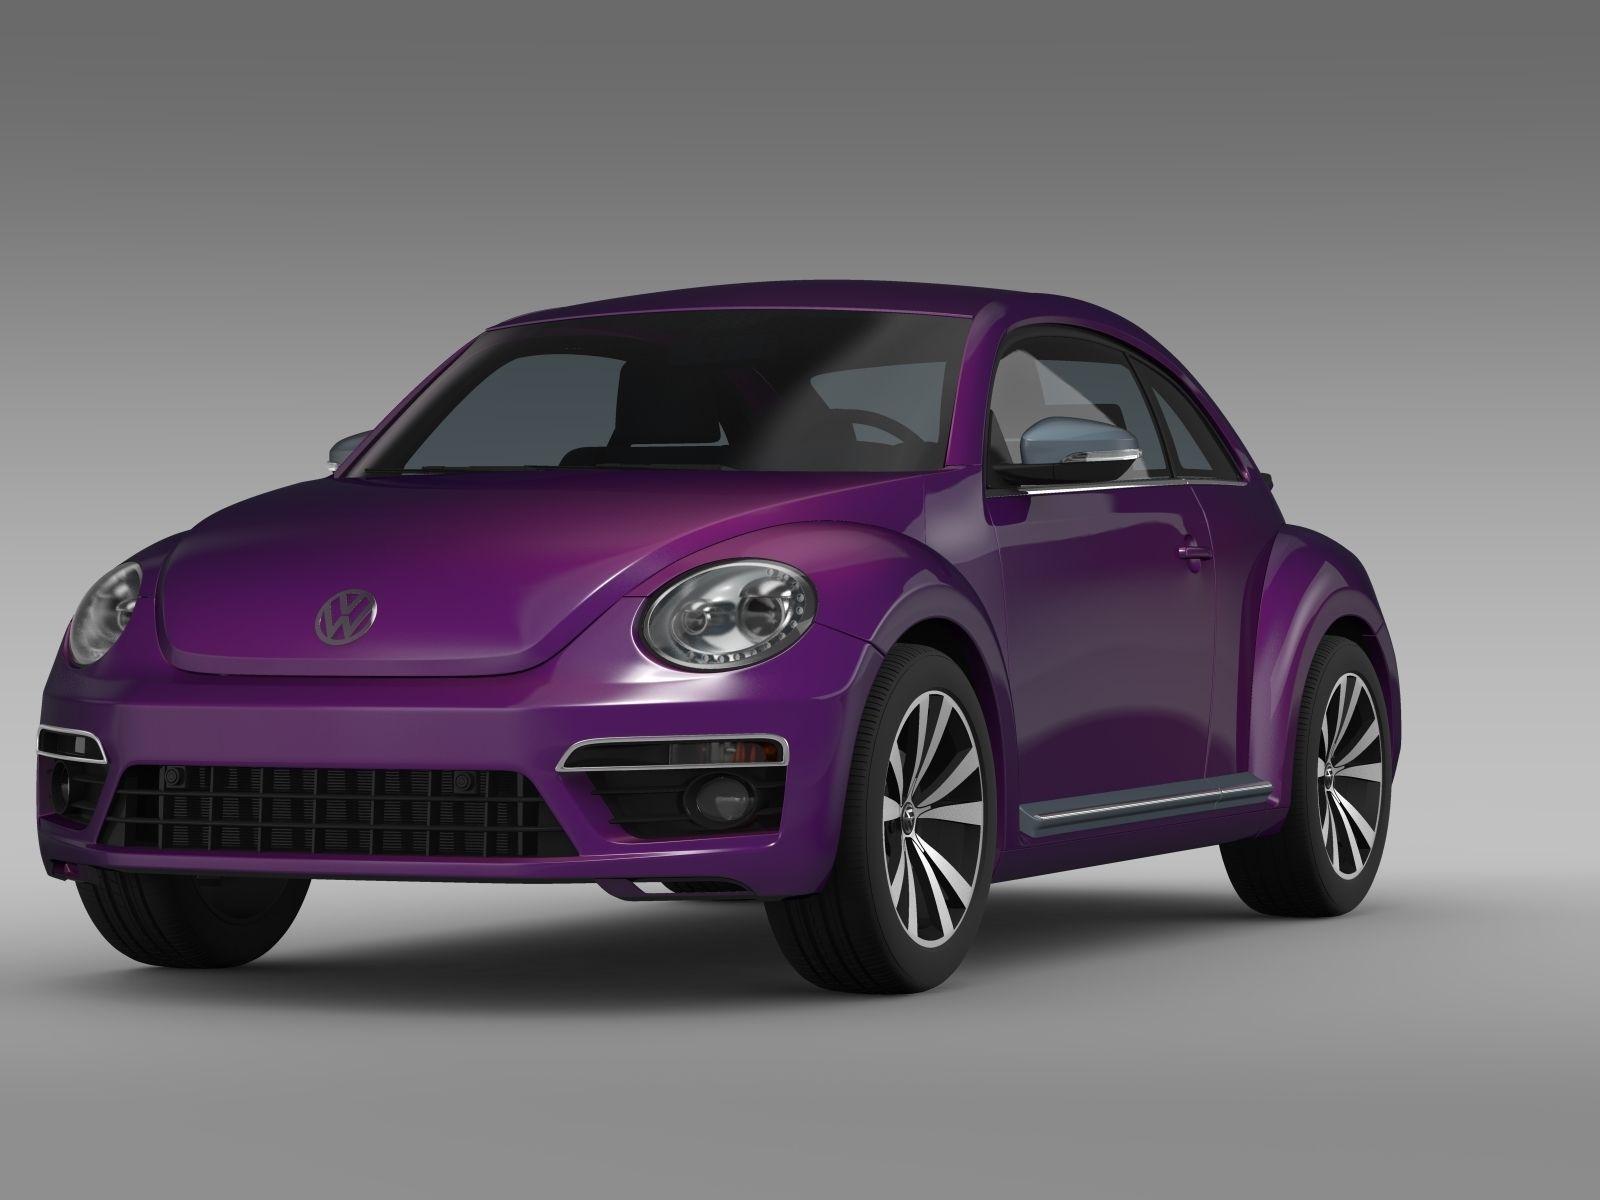 doubleclutch volkswagen review dsc convertible pink ca beetle